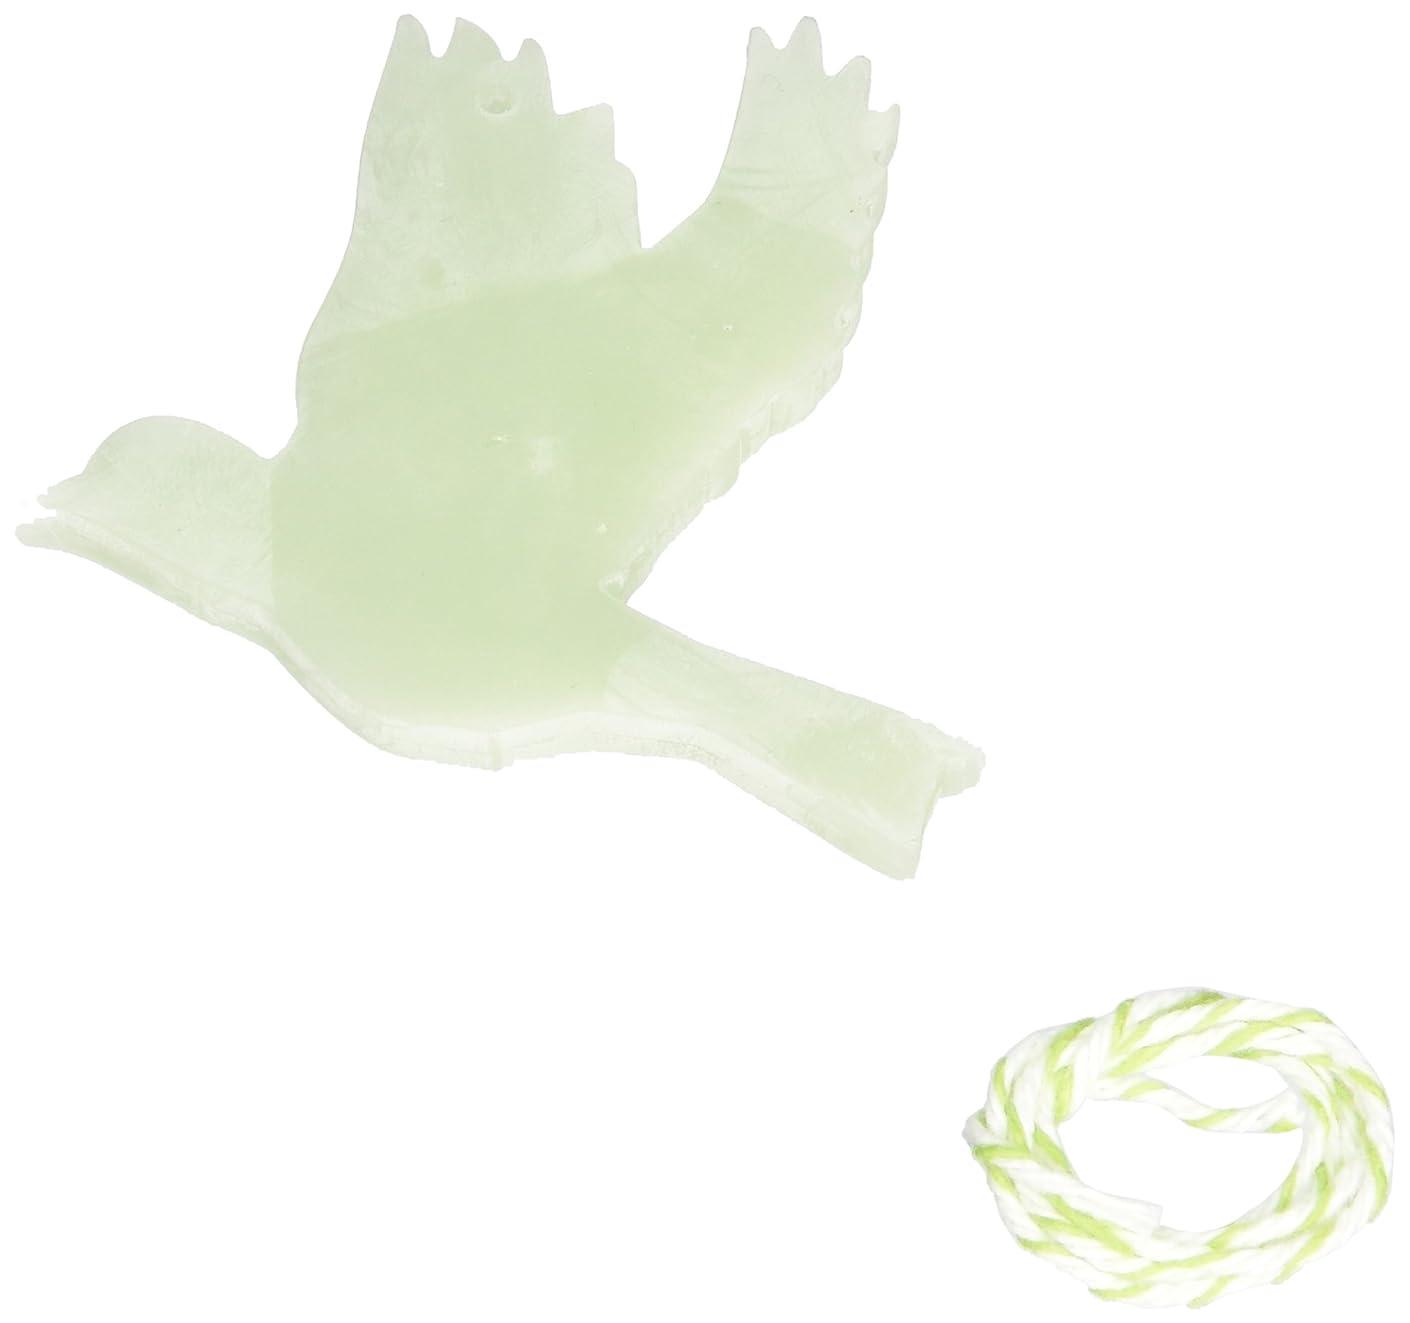 ポジション類推帝国主義GRASSE TOKYO AROMATICWAXチャーム「ハト」(GR) レモングラス アロマティックワックス グラーストウキョウ